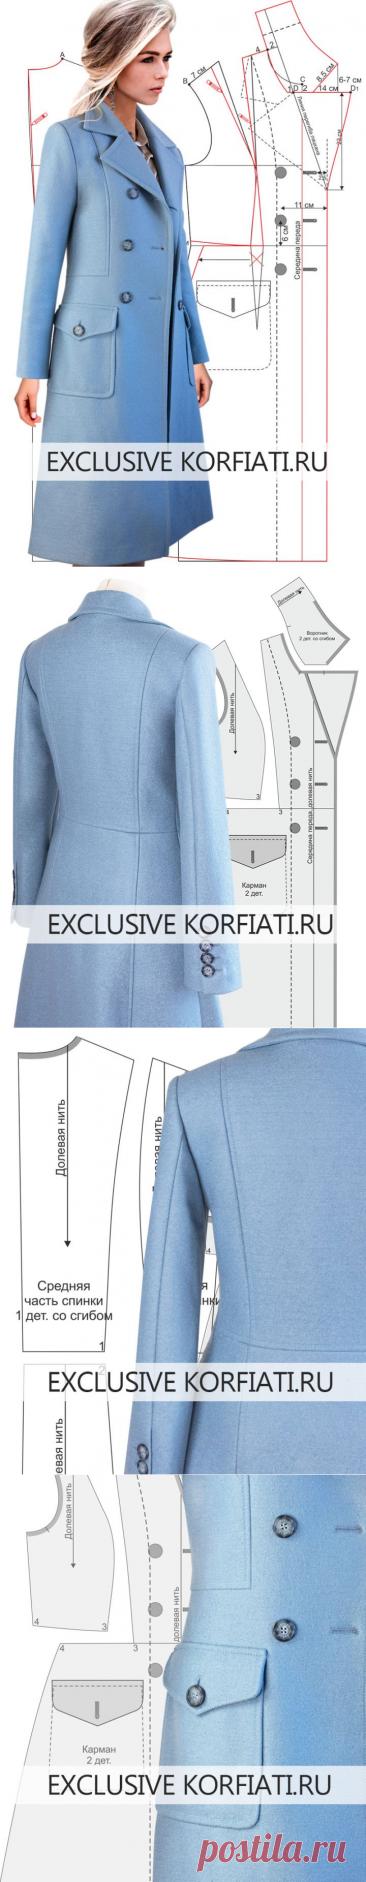 Выкройка демисезонного пальто от Анастасии Корфиати